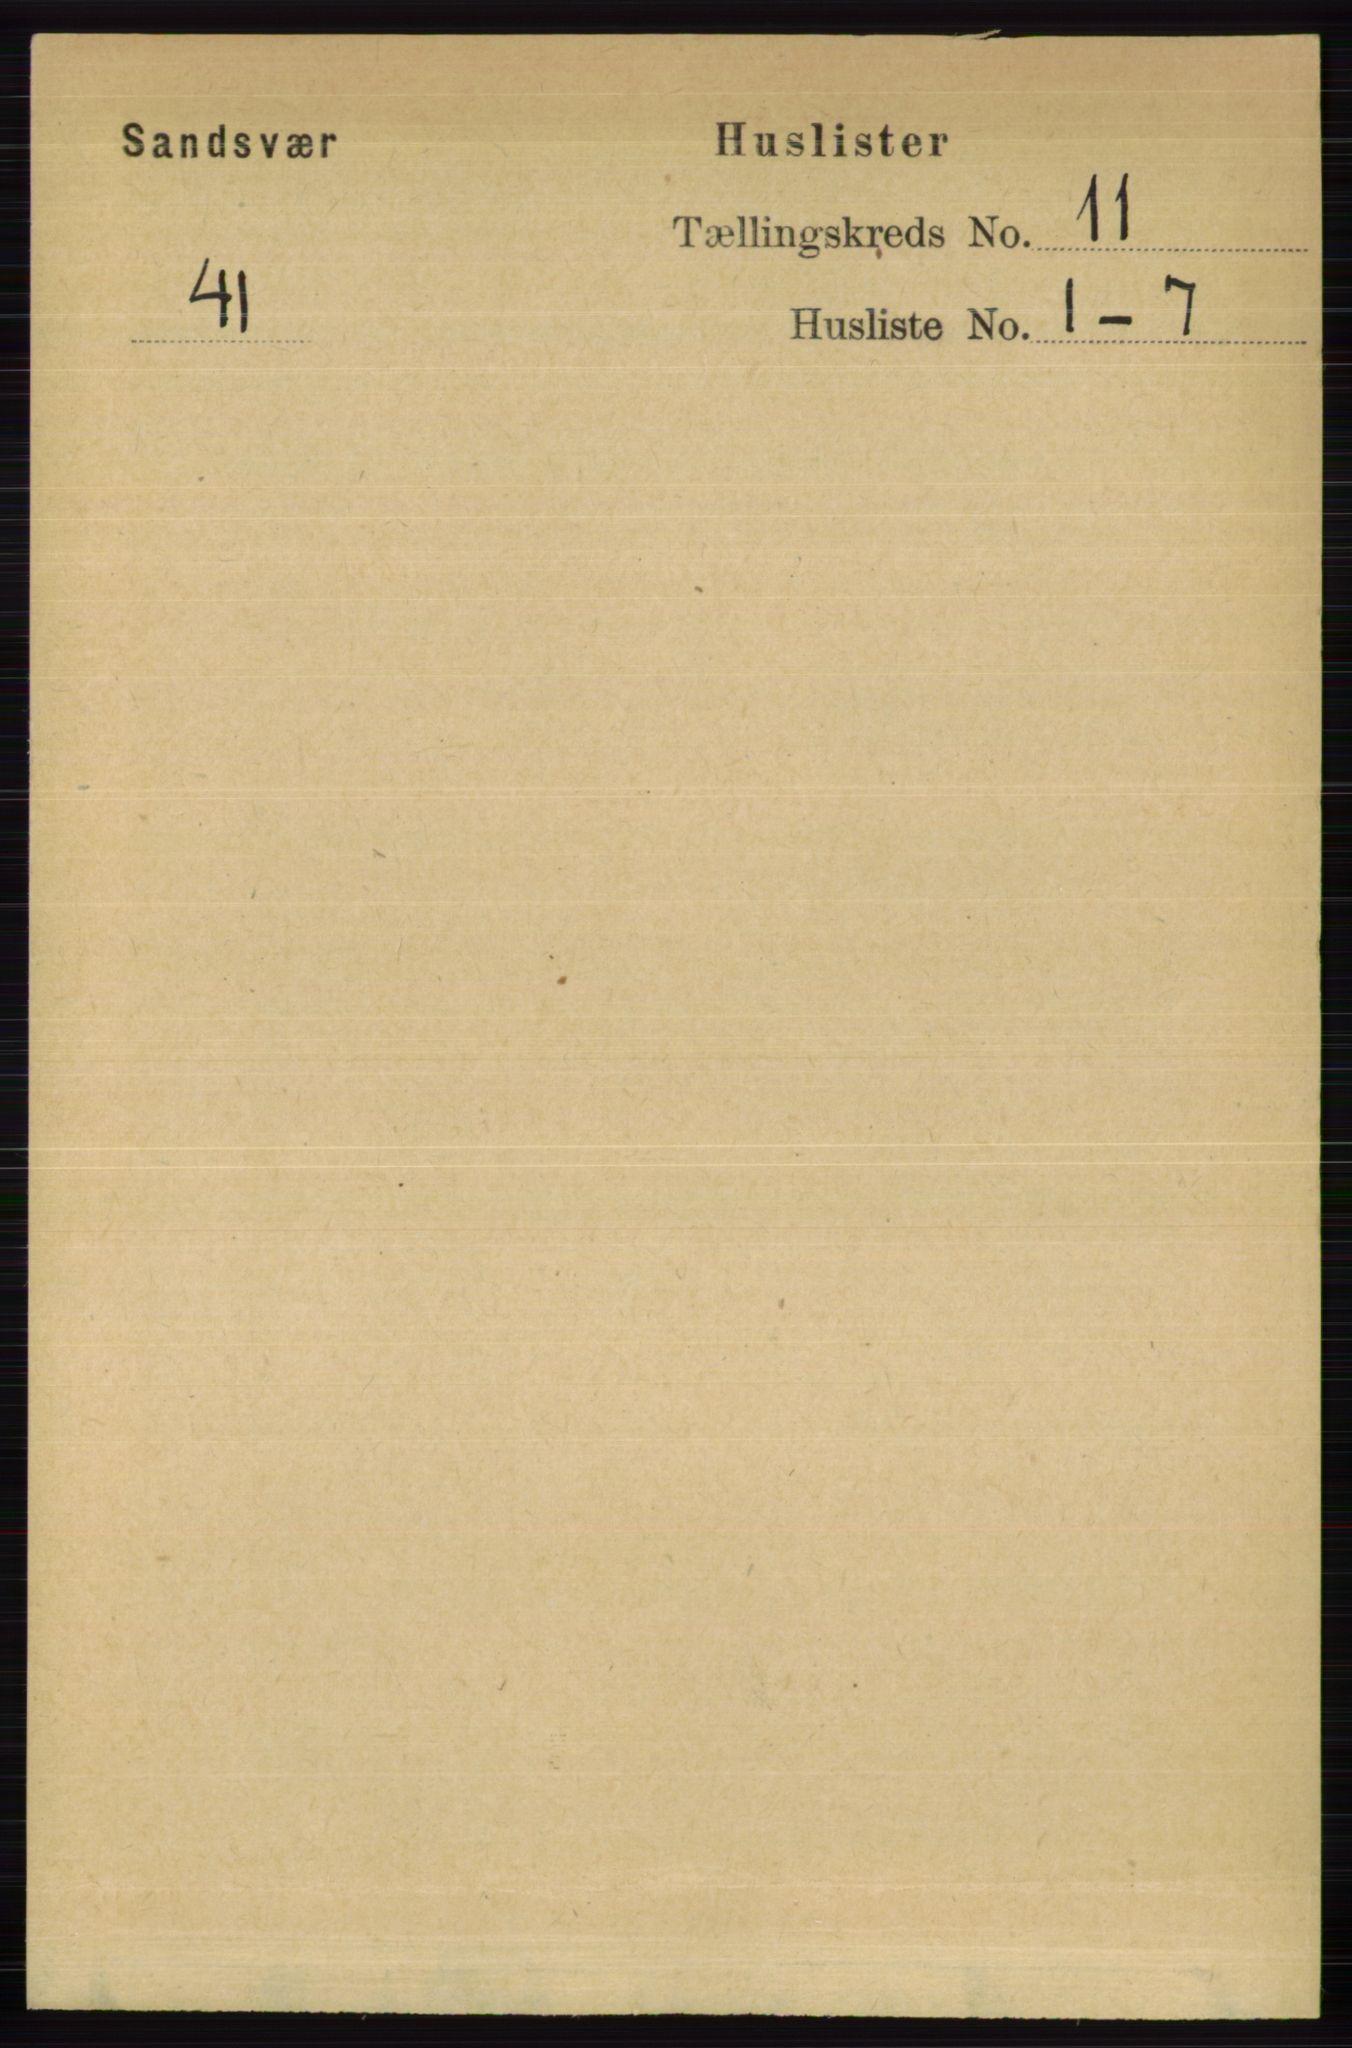 RA, Folketelling 1891 for 0629 Sandsvær herred, 1891, s. 5474